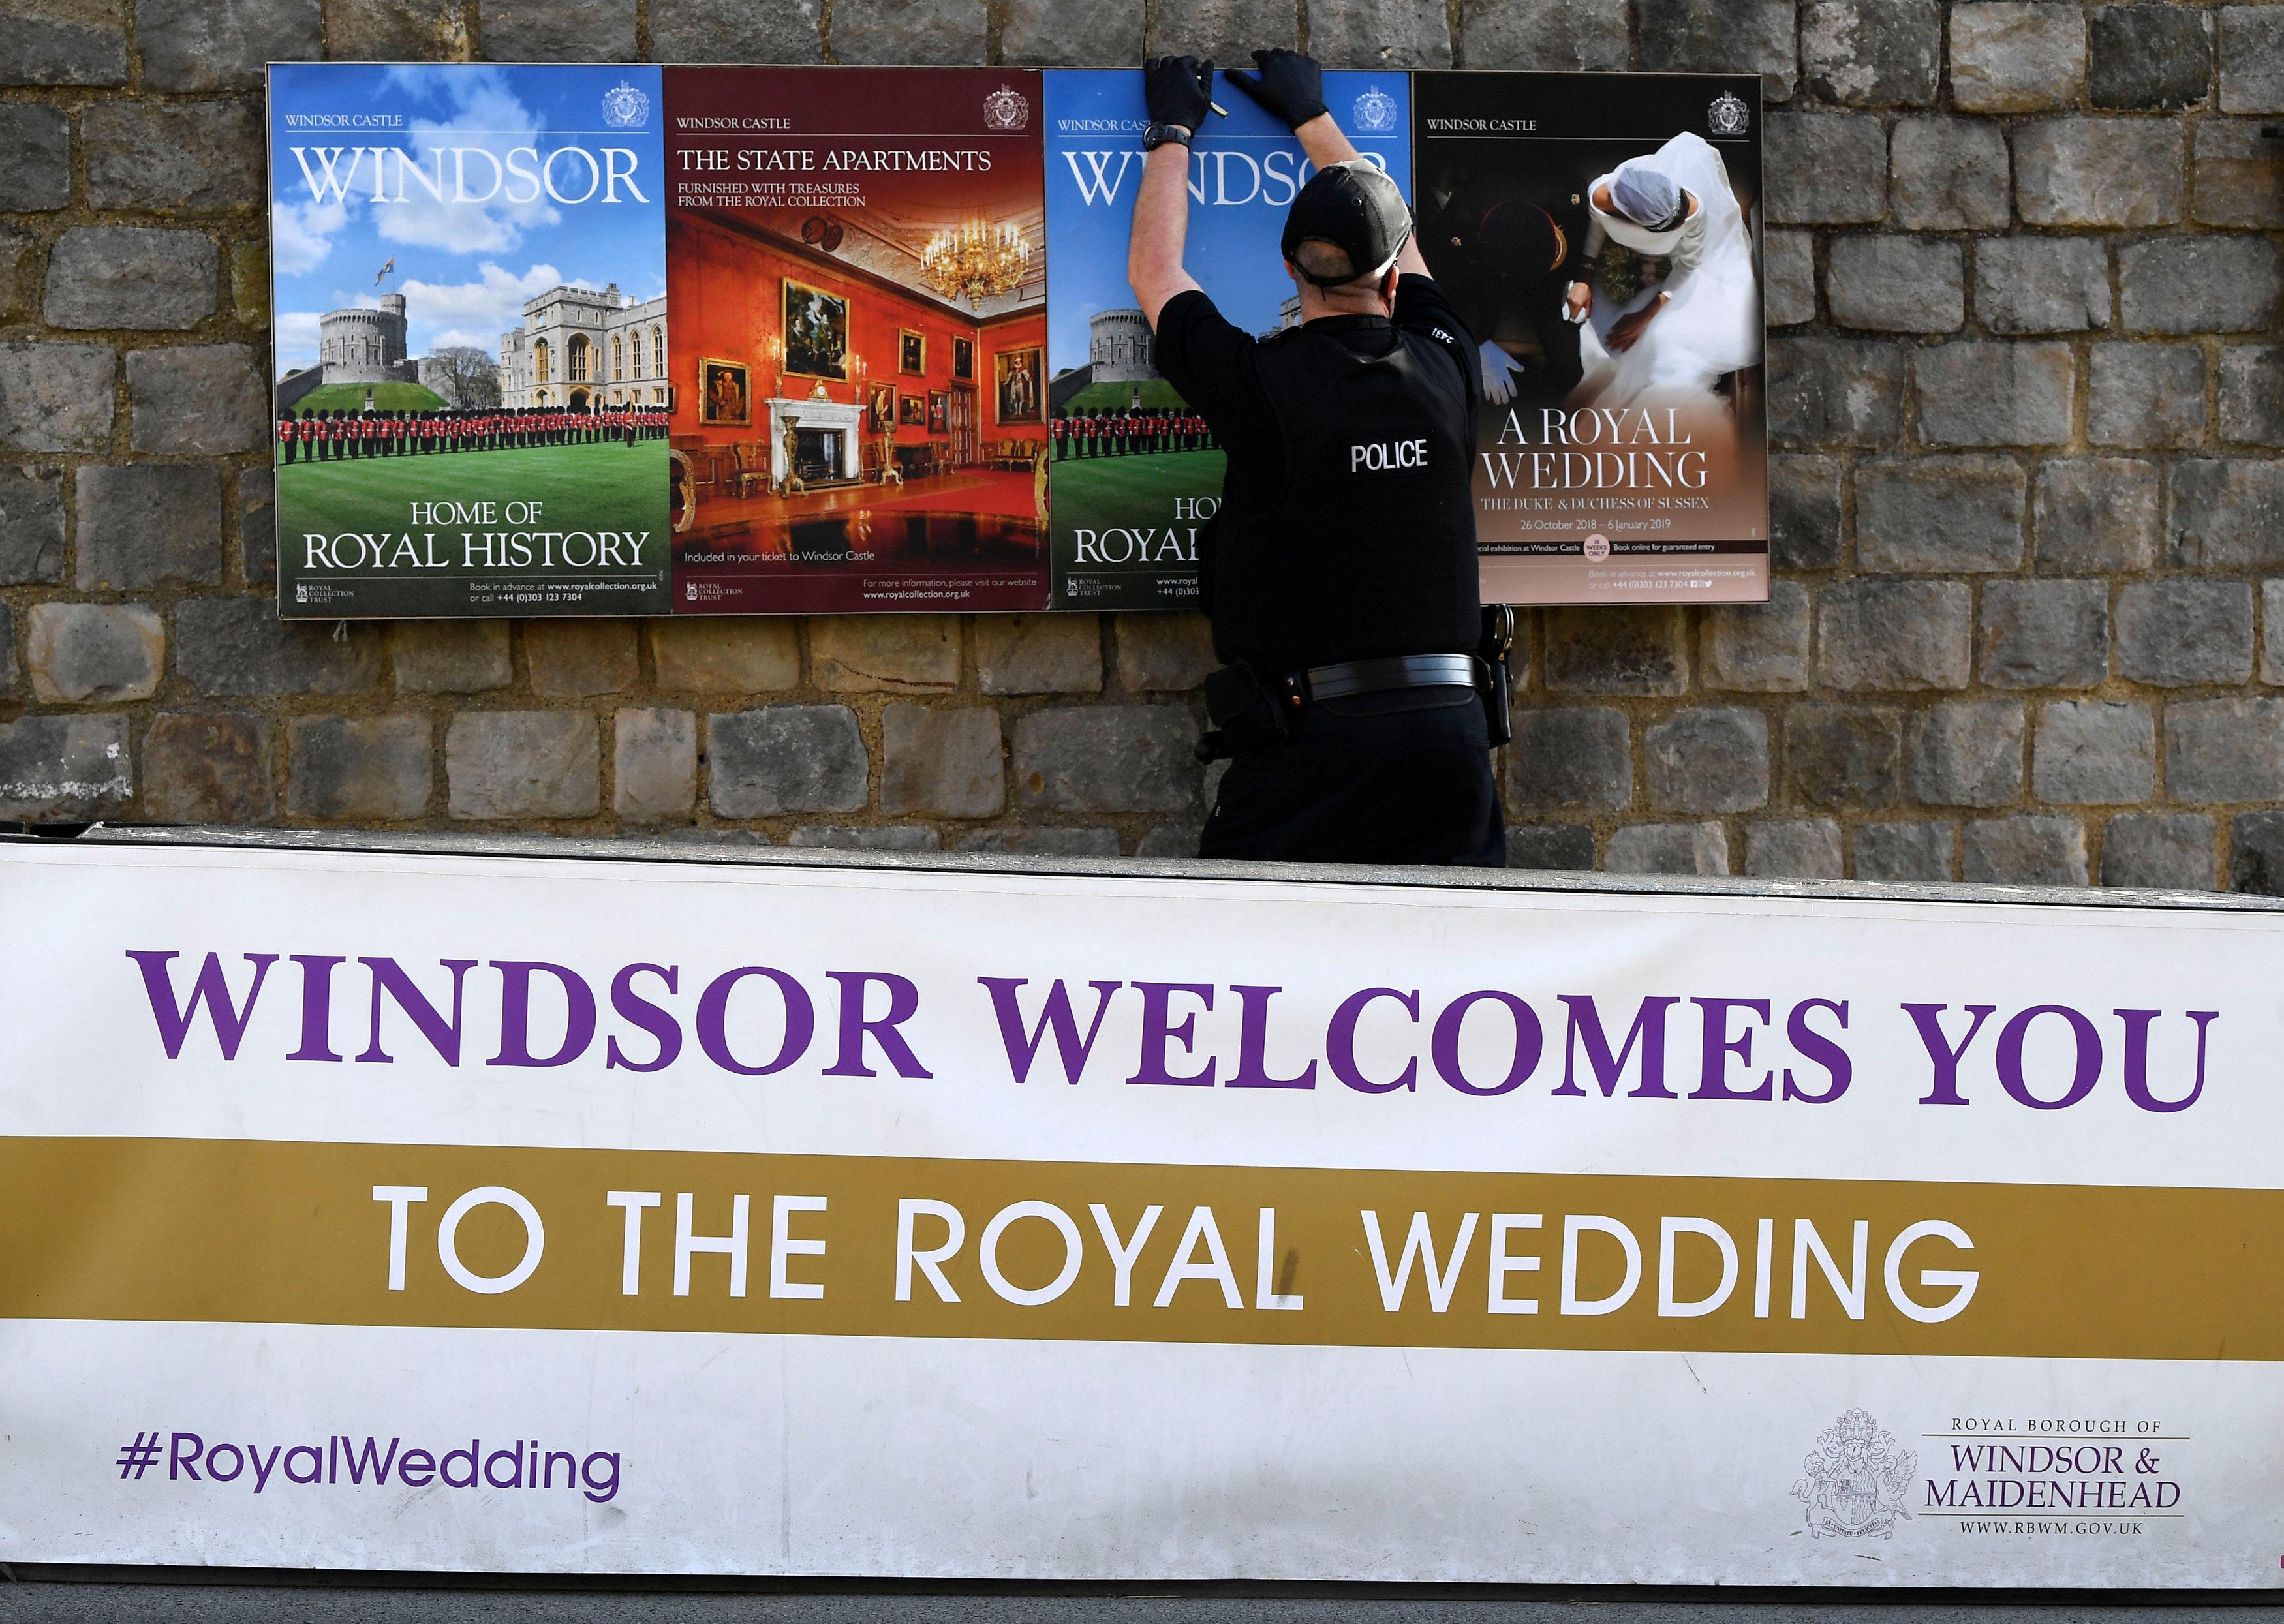 لافتات ترحب بالزفاف الملكى